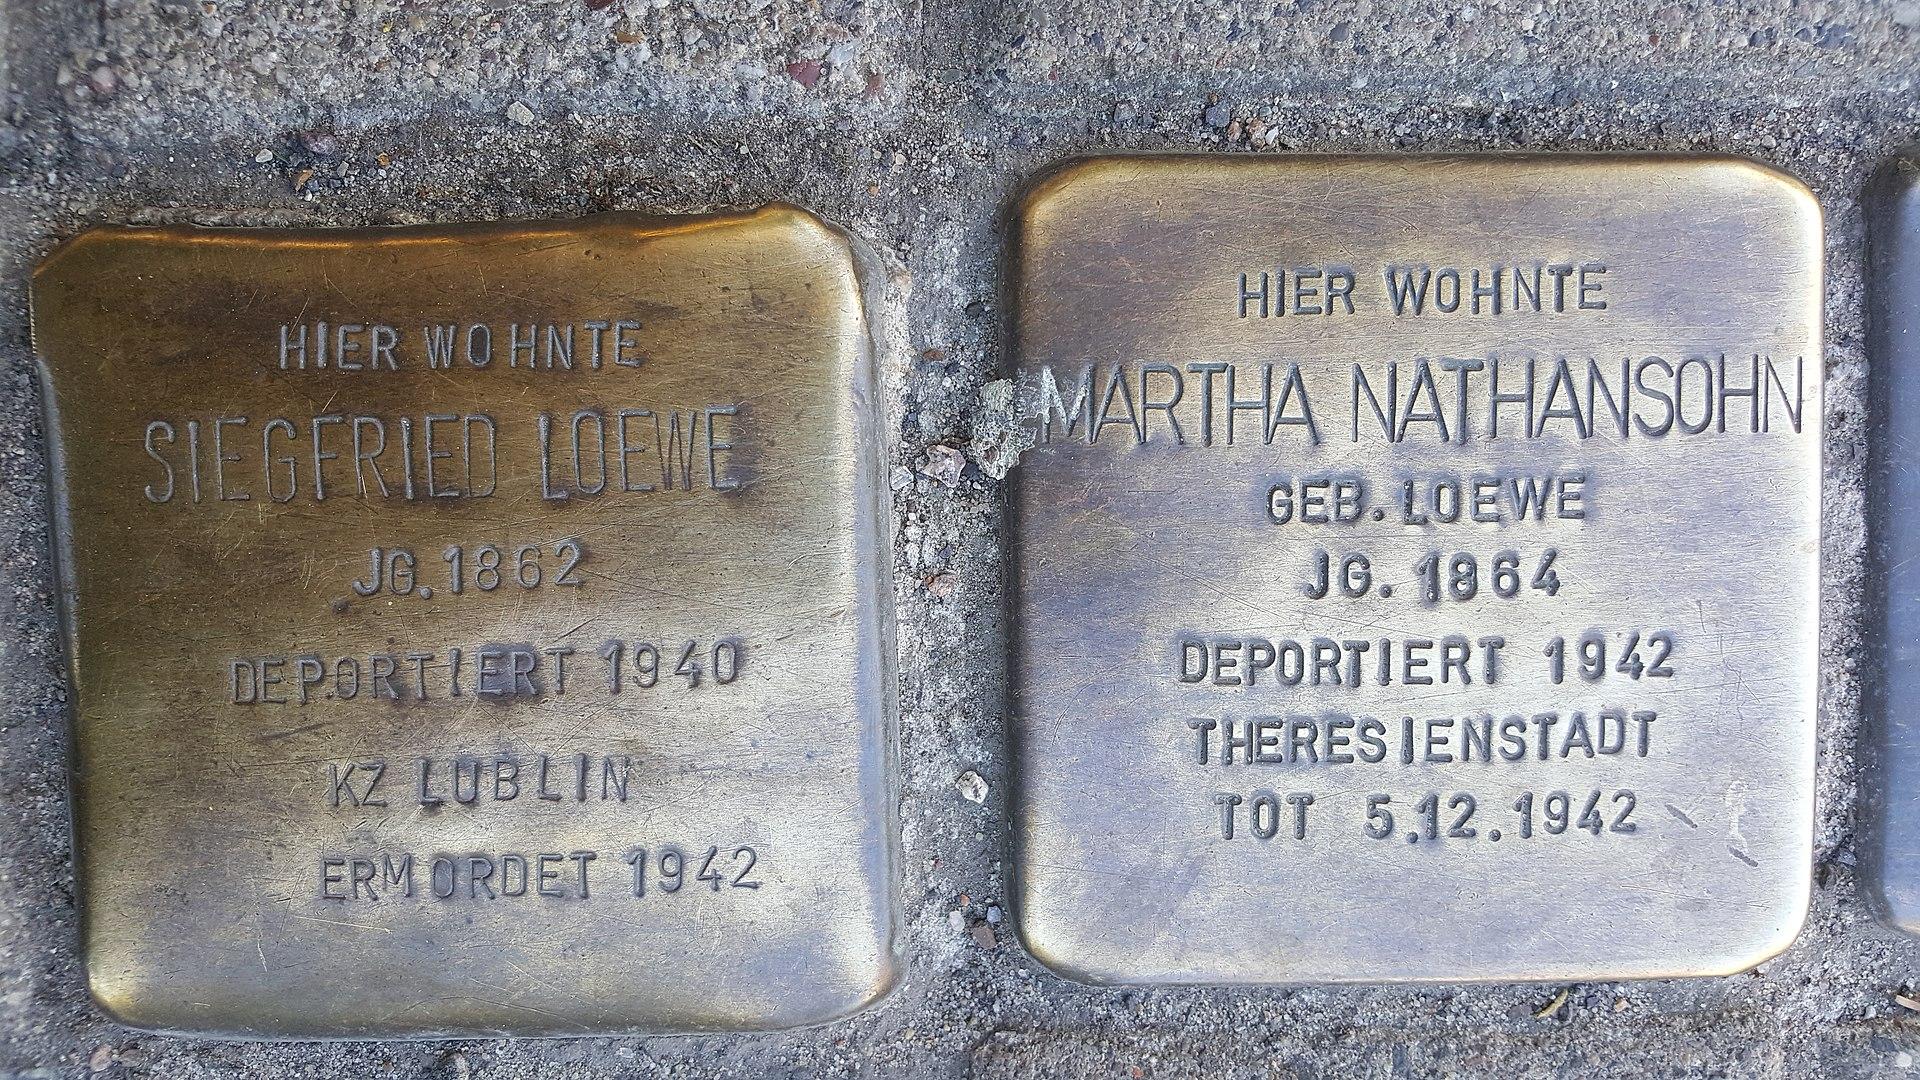 Stolperstein Siegfried Loewe, Martha Nathansohn.jpg